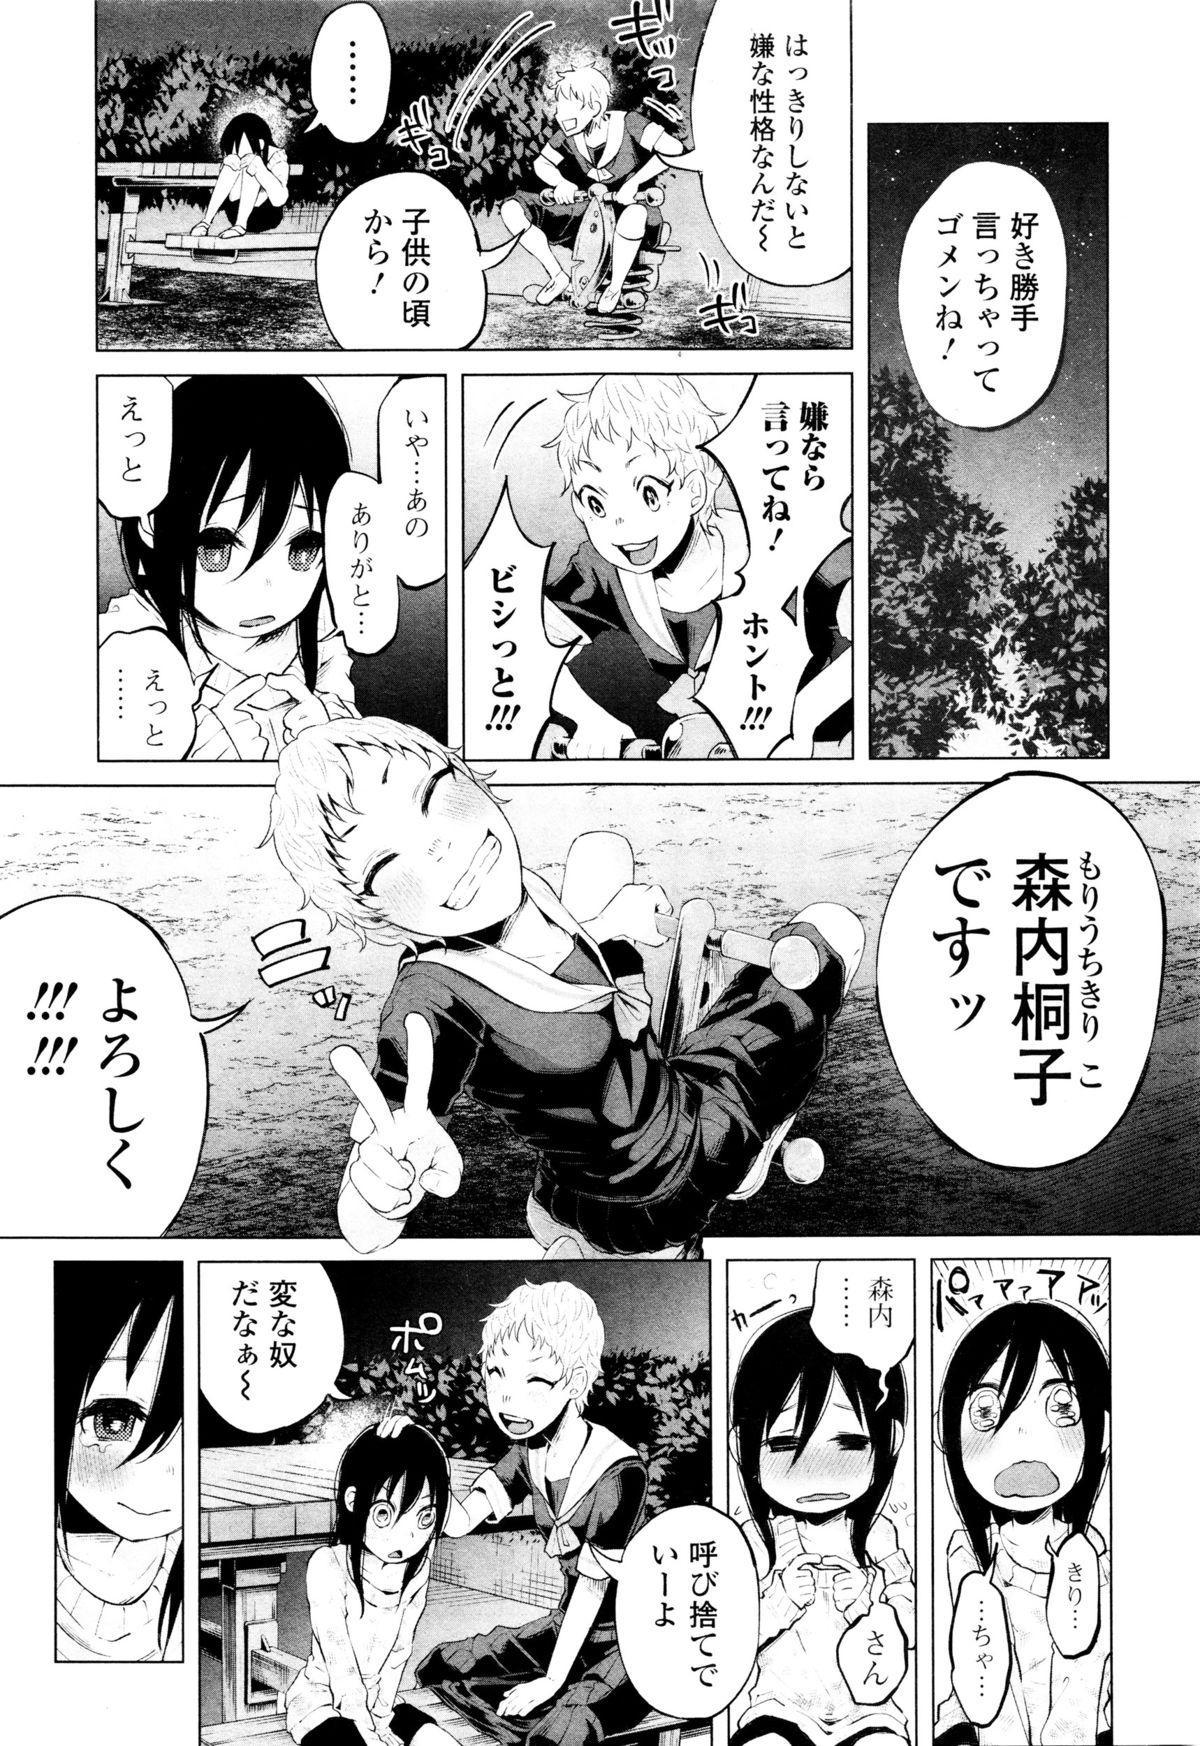 COMIC Mate Legend Vol. 7 2016-02 29